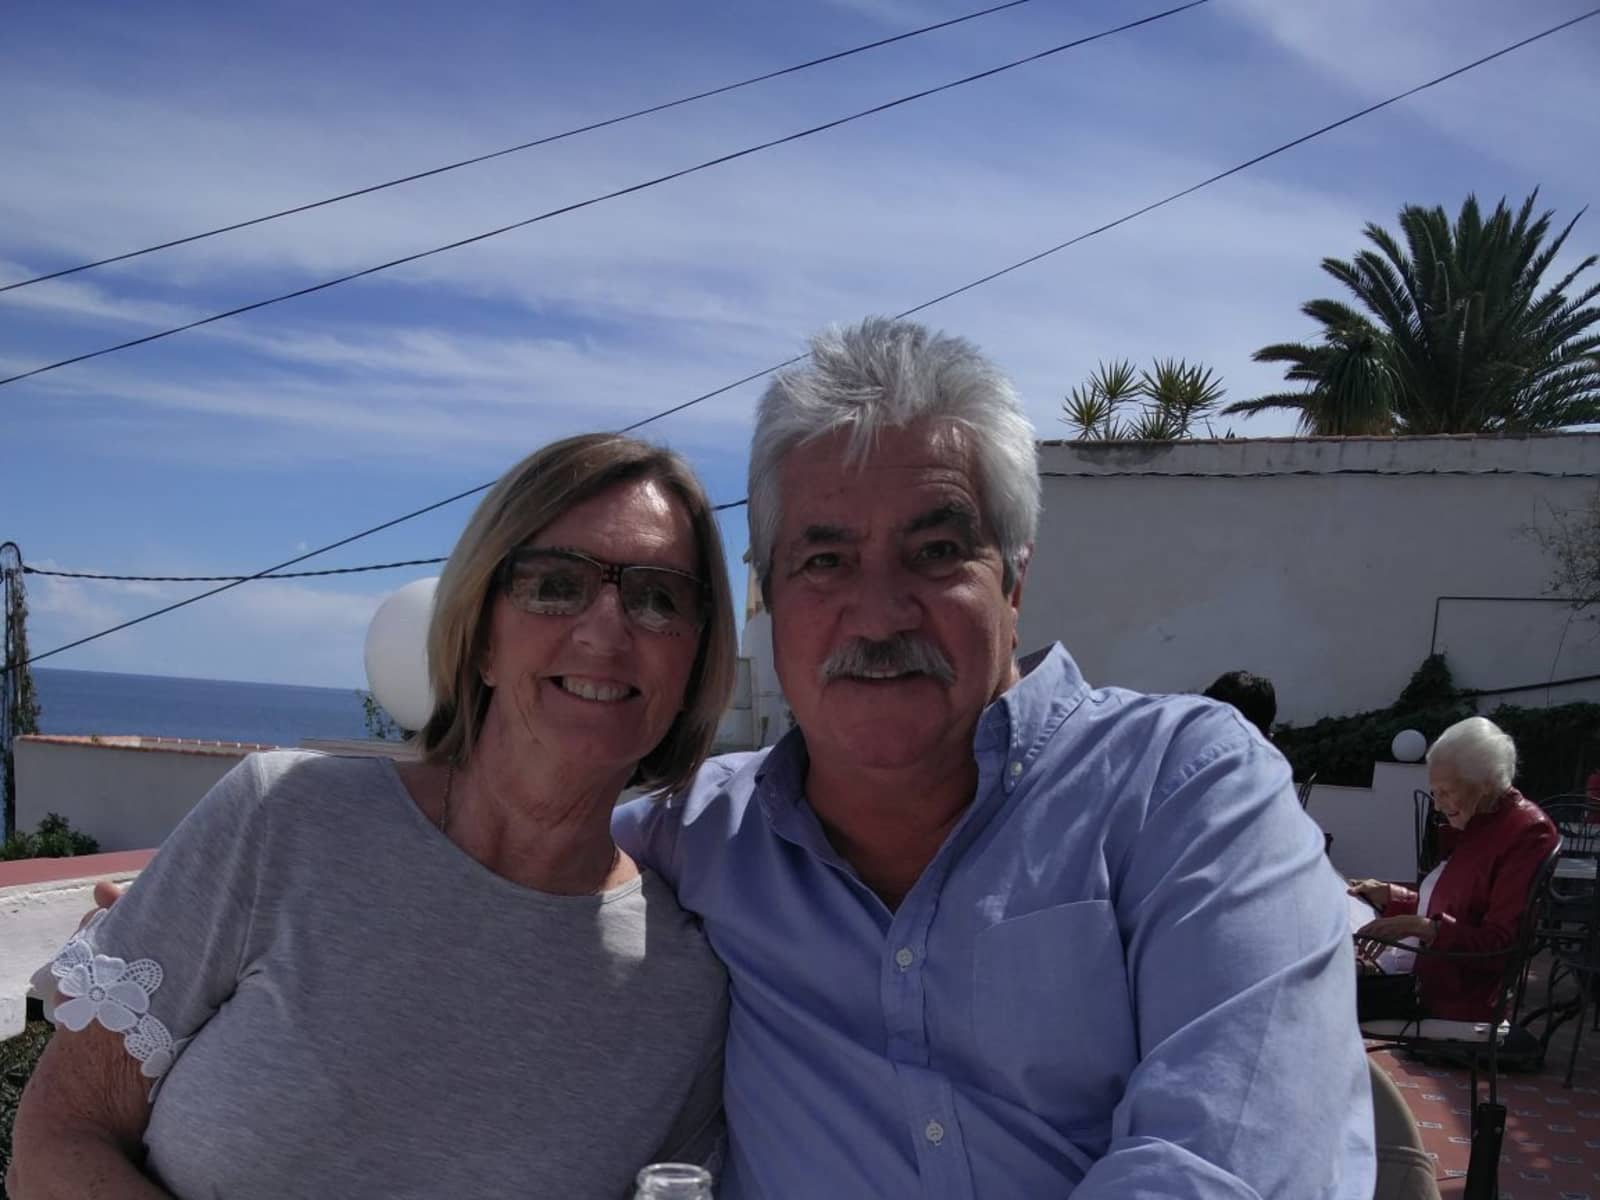 Susan & Neil from Málaga, Spain